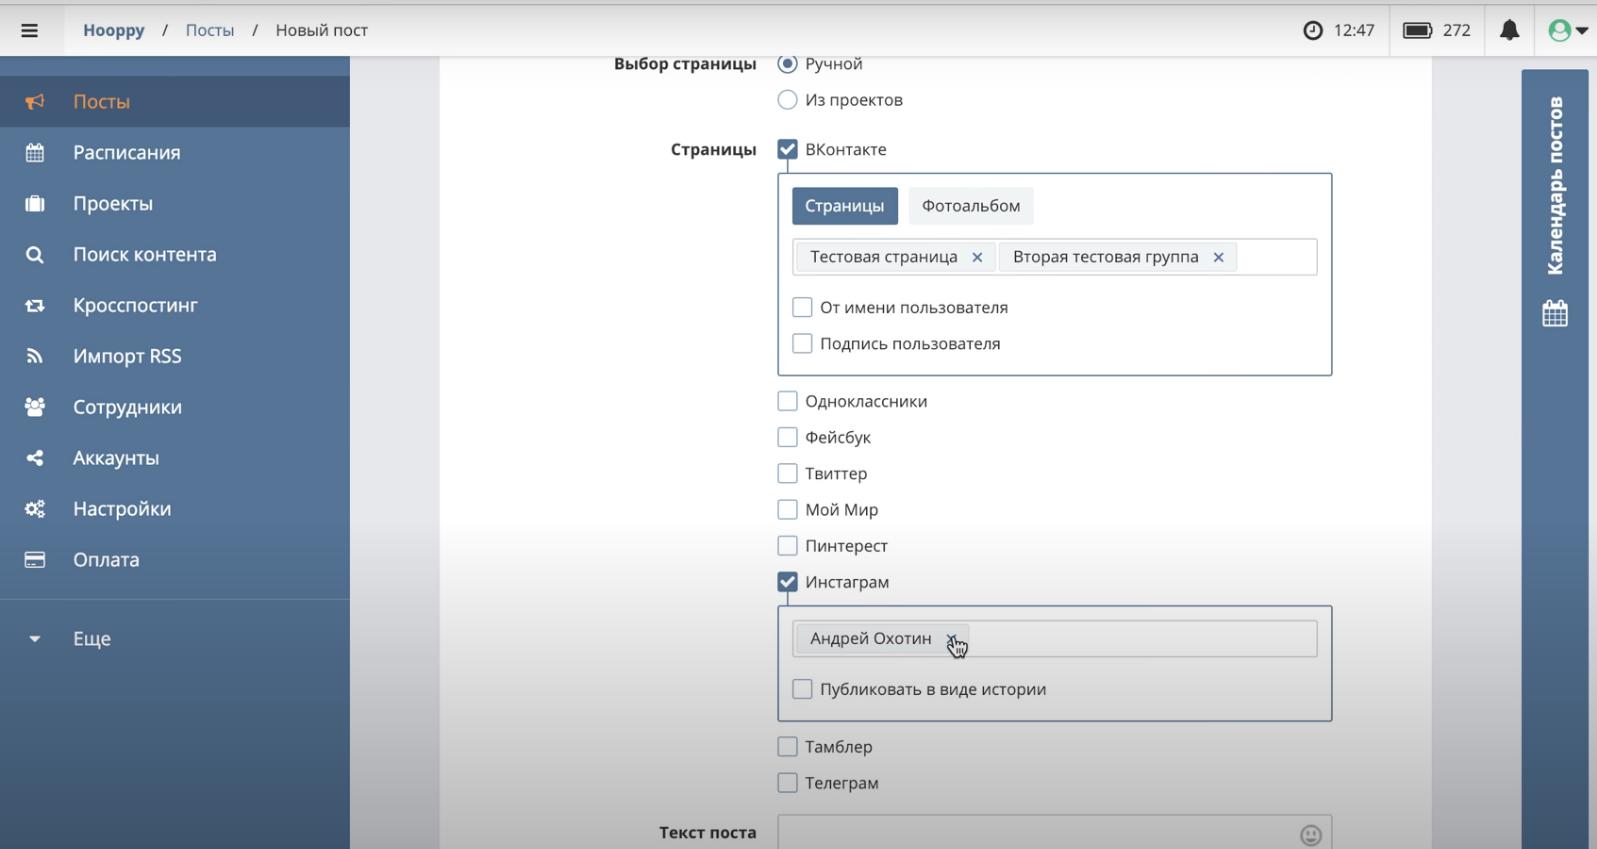 При создании поста сервис позволяет легко выбрать, в какие соцсети и на каких именно страницах нужно разместить публикацию